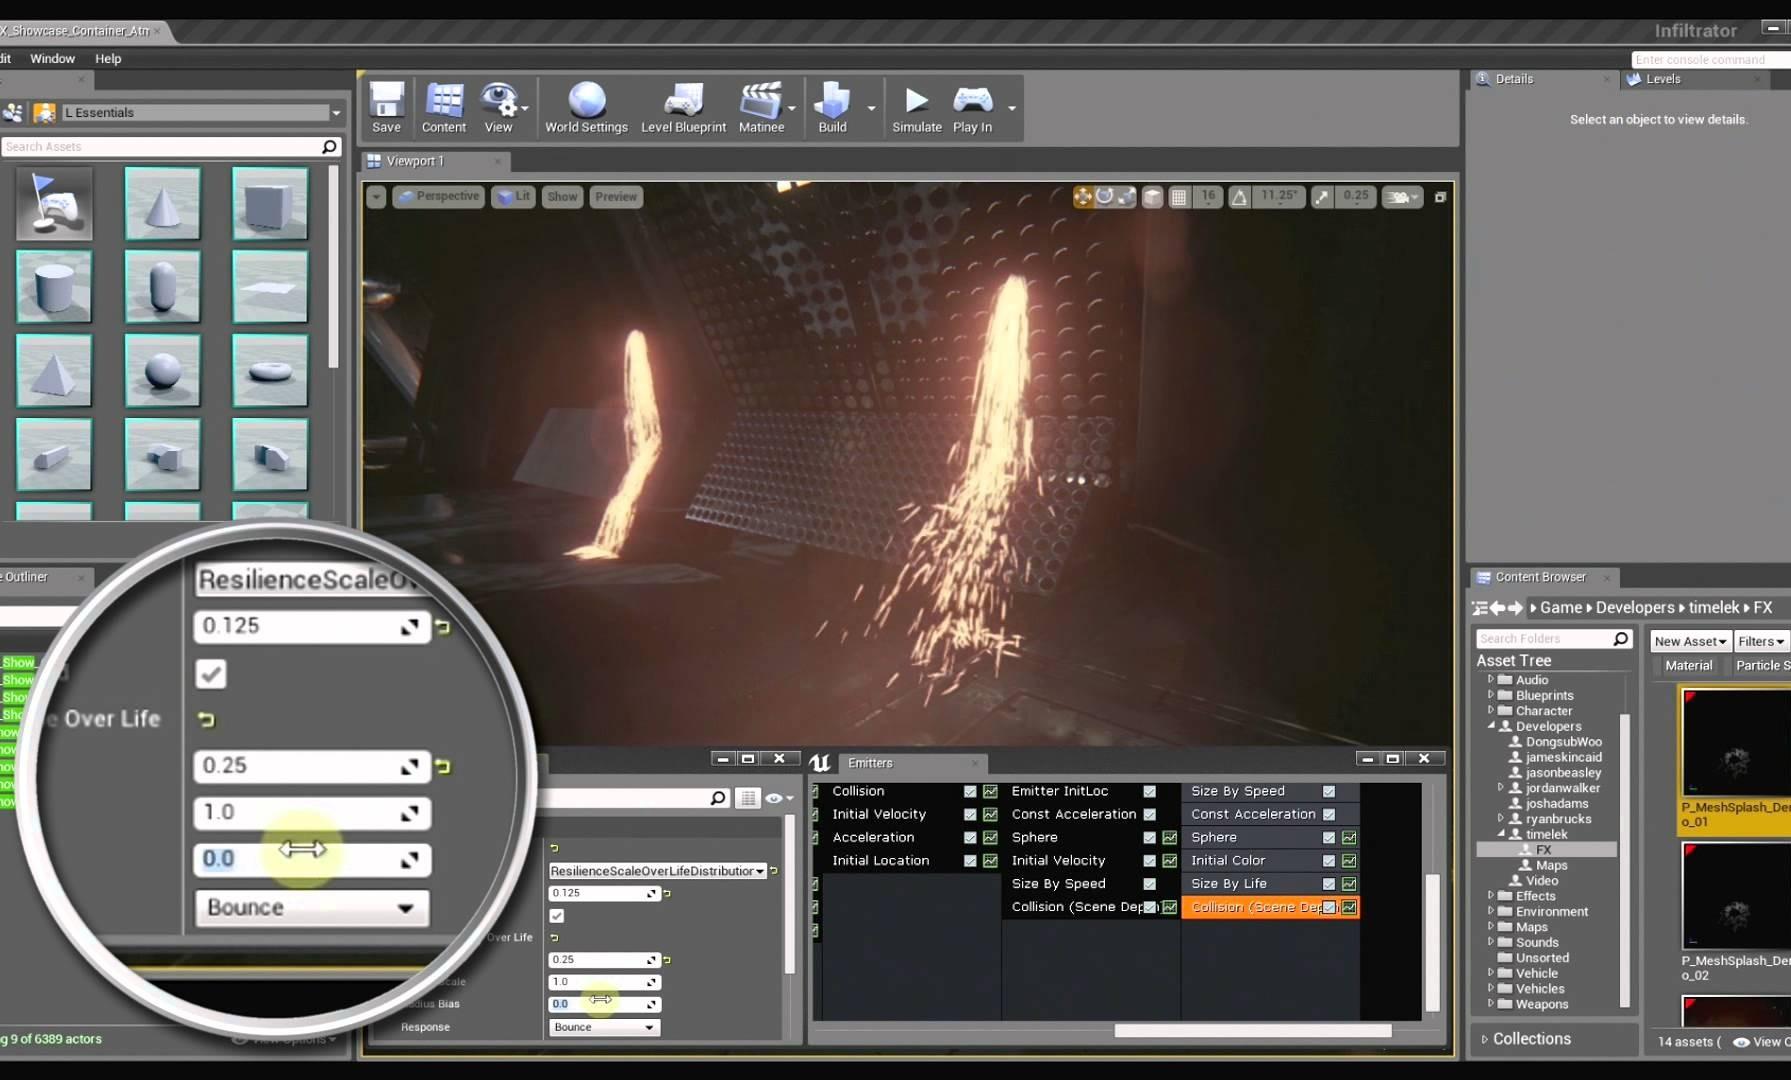 NUEVO VÍDEO SOBRE LAS VIRTUDES DEL PRÓXIMO MOTOR UNREAL ENGINE 4